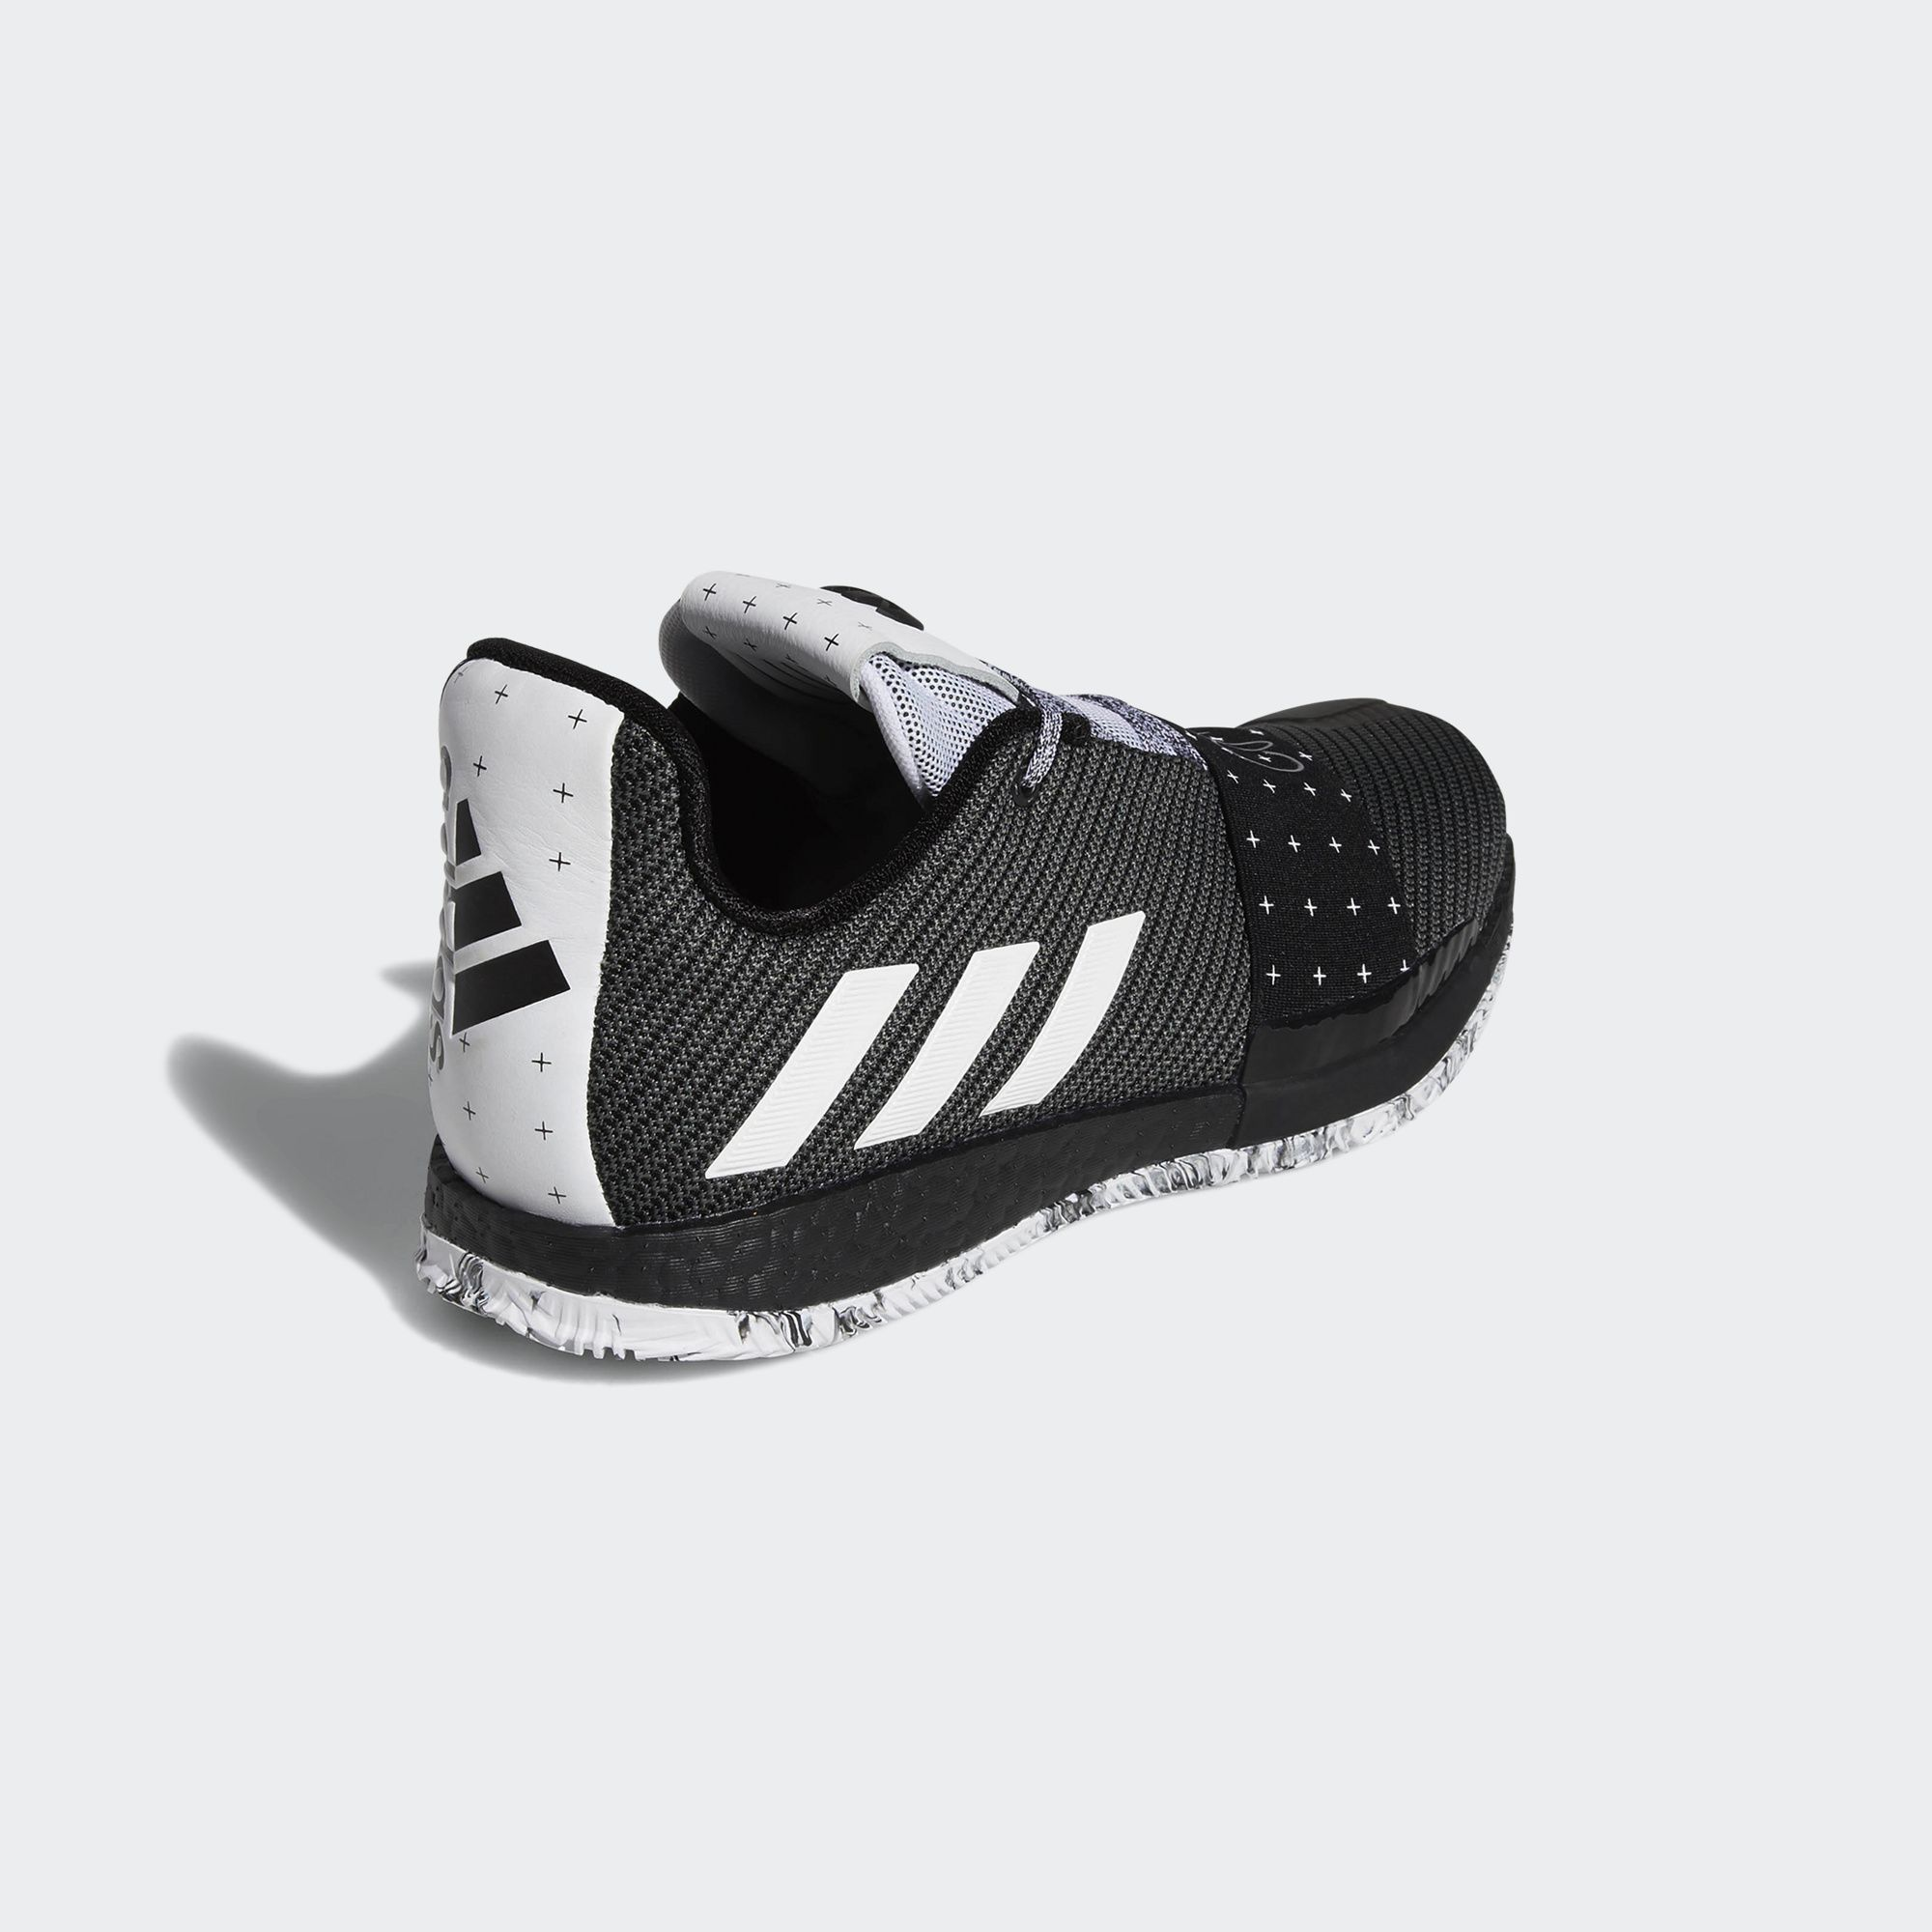 c6301af9393 james harden adidas harden vol 3 release date - WearTesters